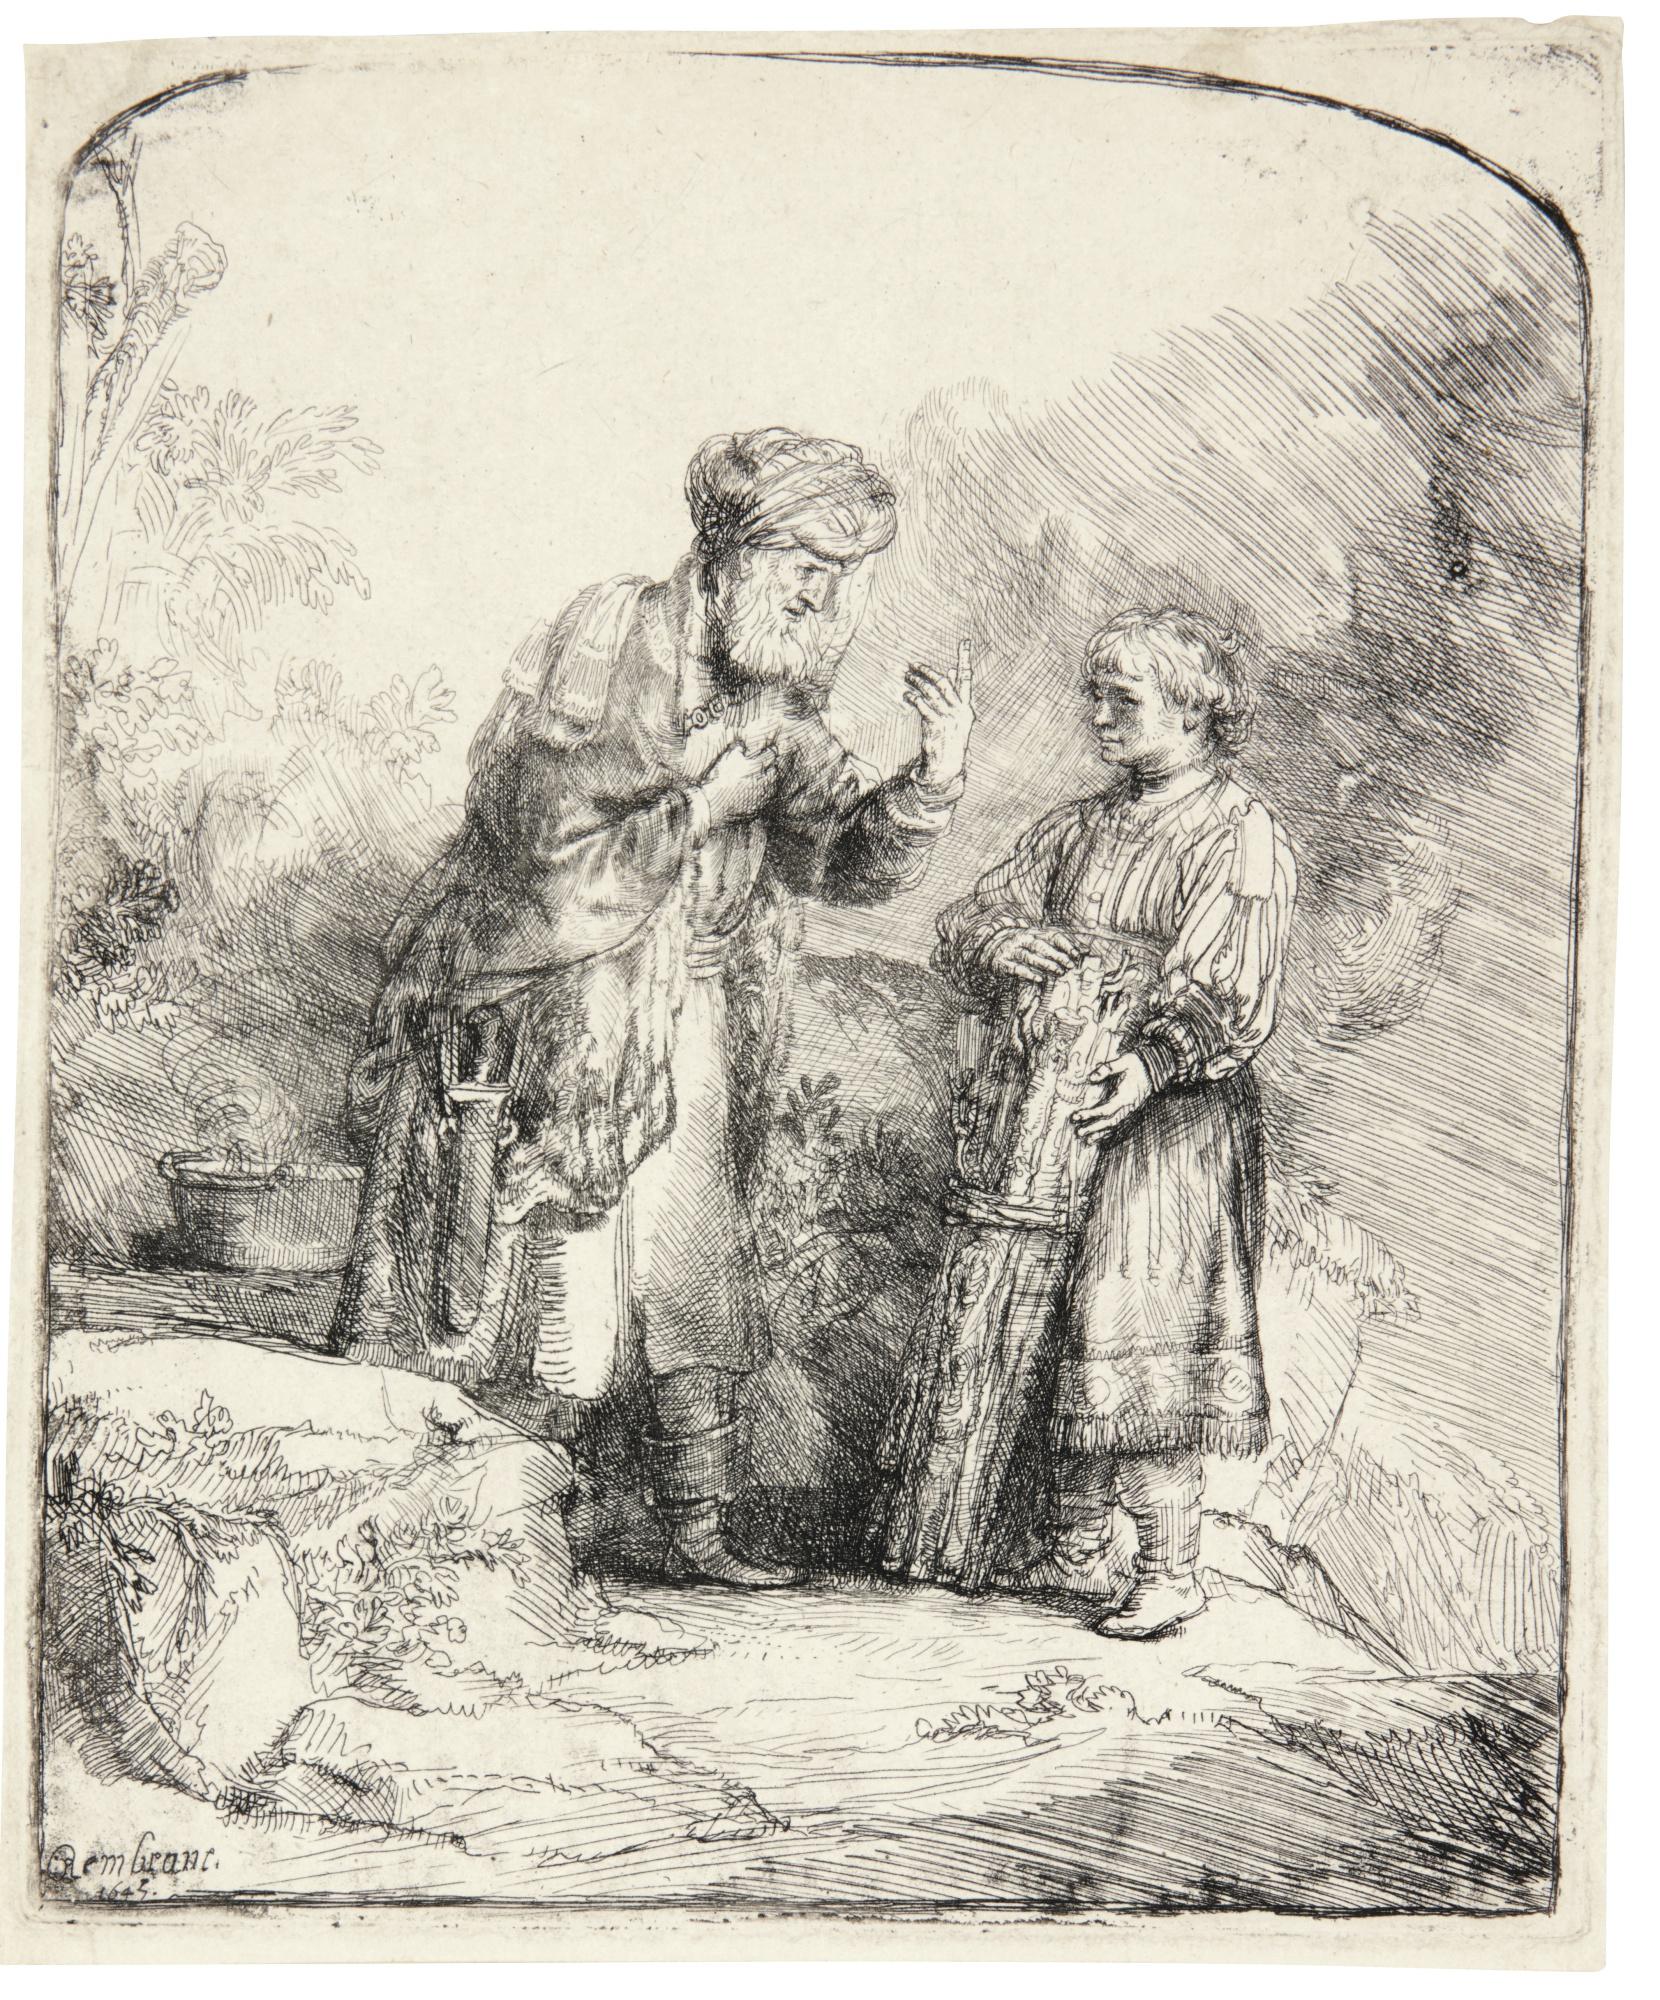 Rembrandt van Rijn-Abraham And Isaac (B., Holl. 34; New Holl. 224; H. 214)-1645